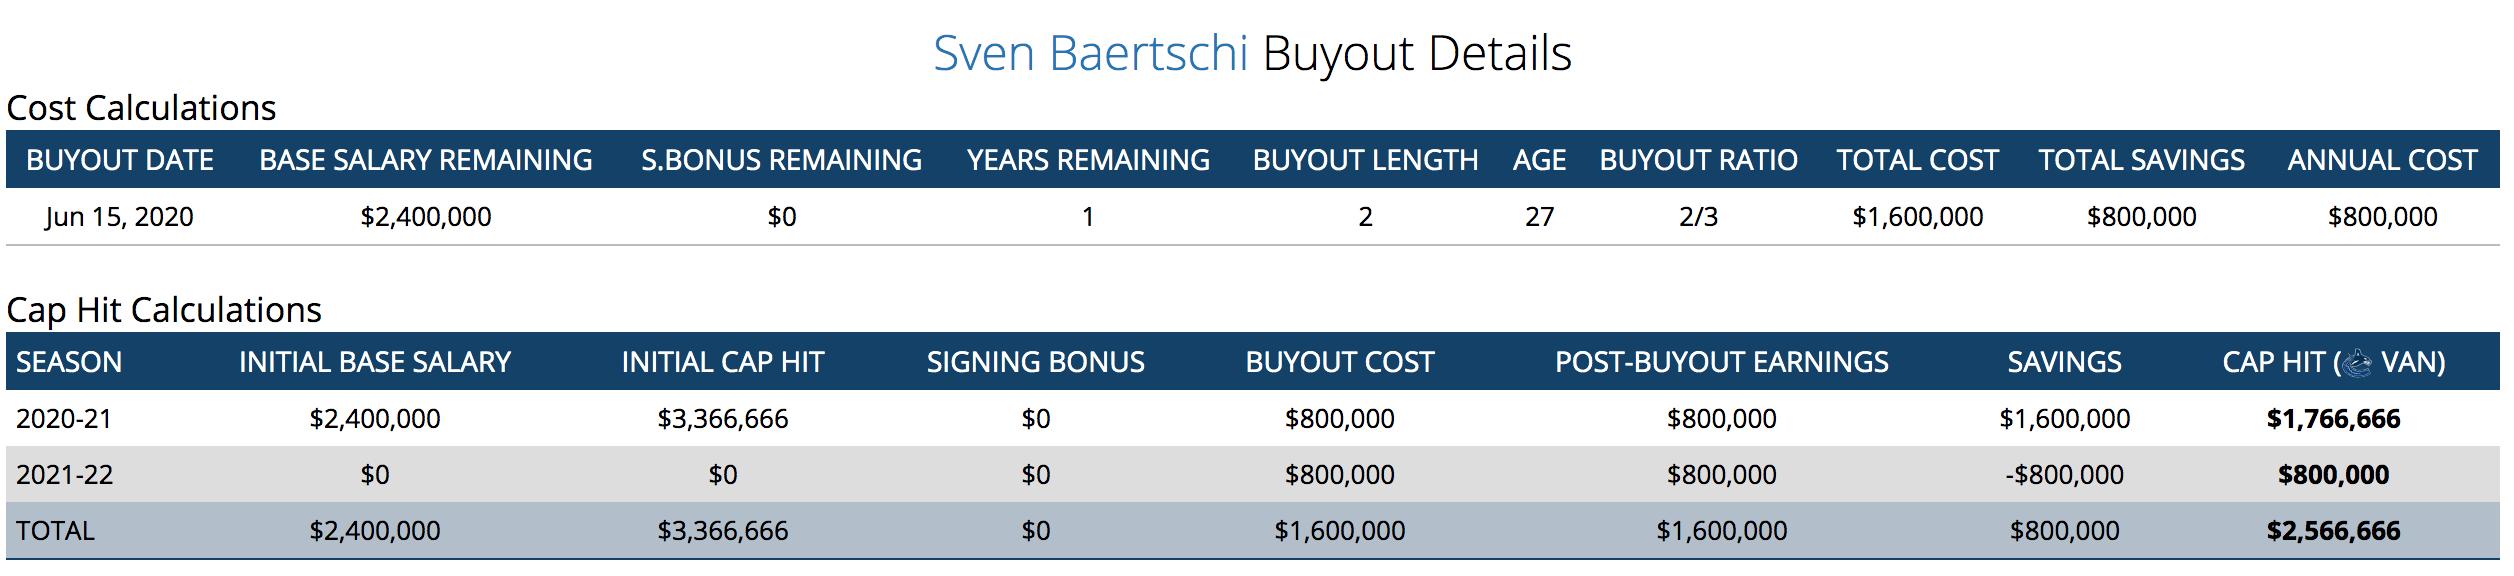 baertschi-buyout